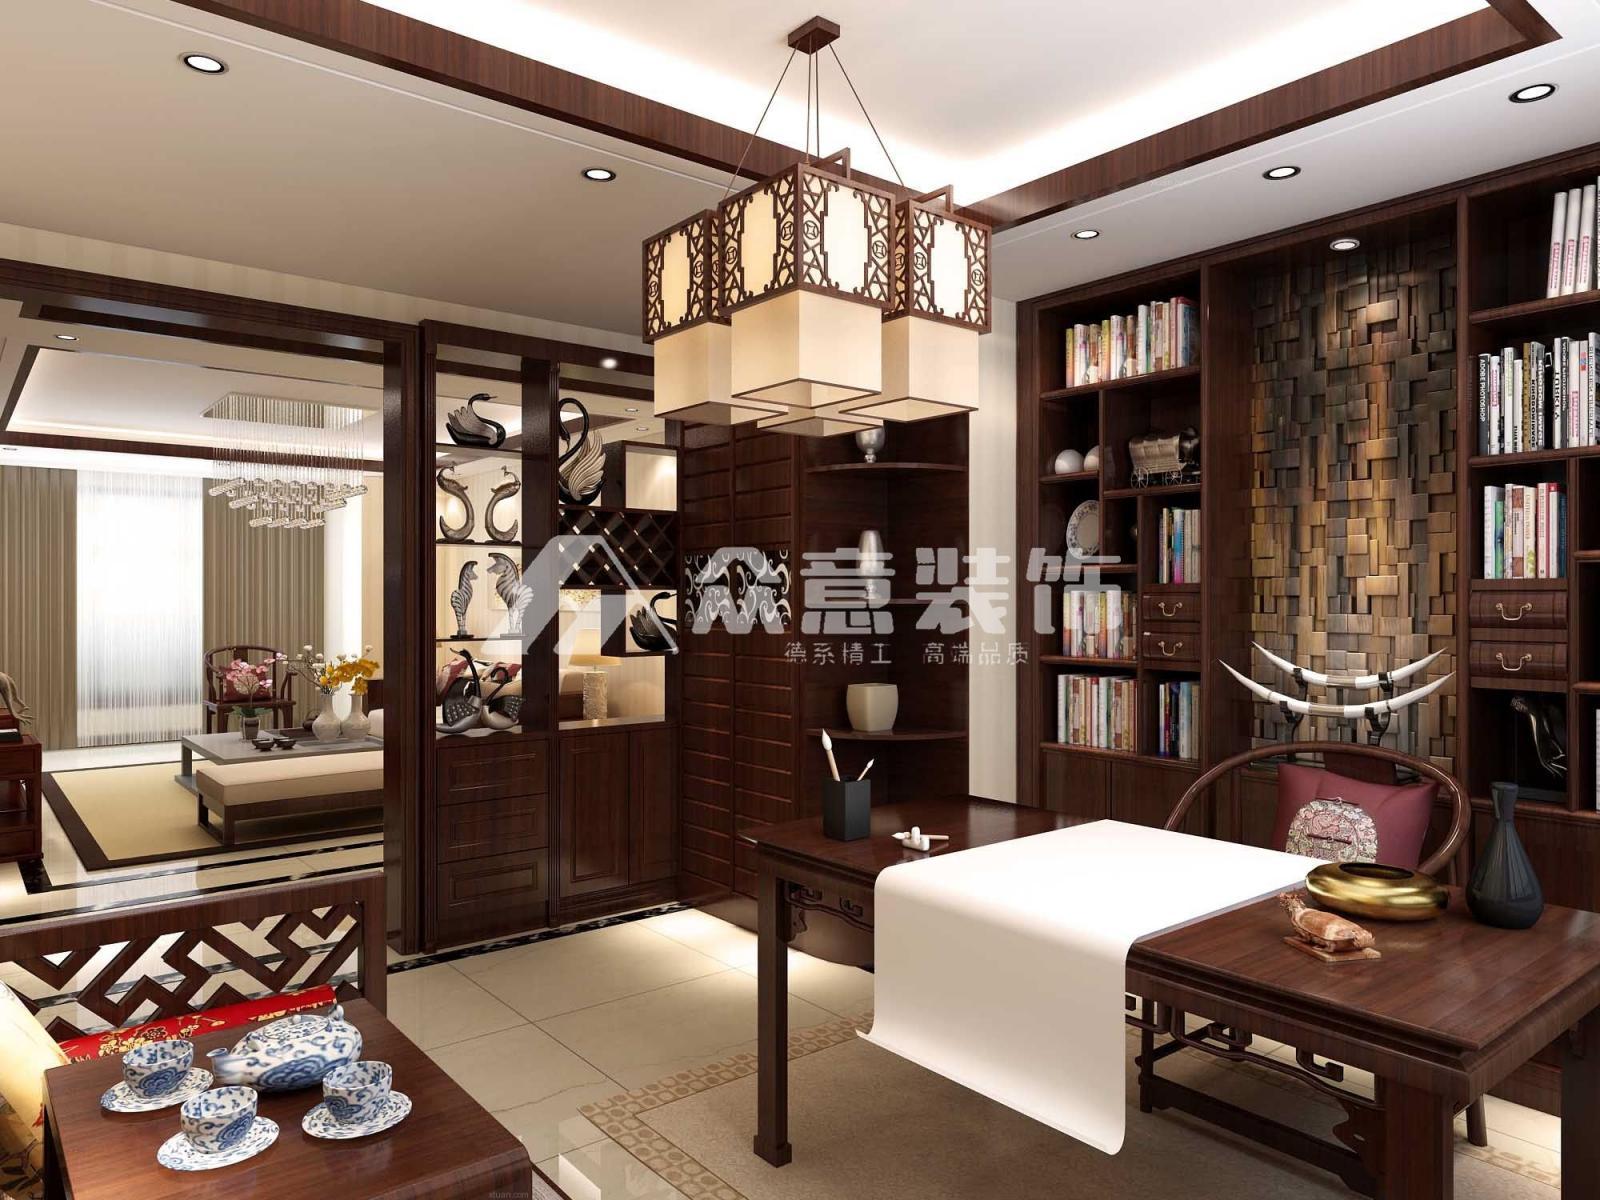 三居室中式风格书房_金辉悦府110平中式风格装修效果